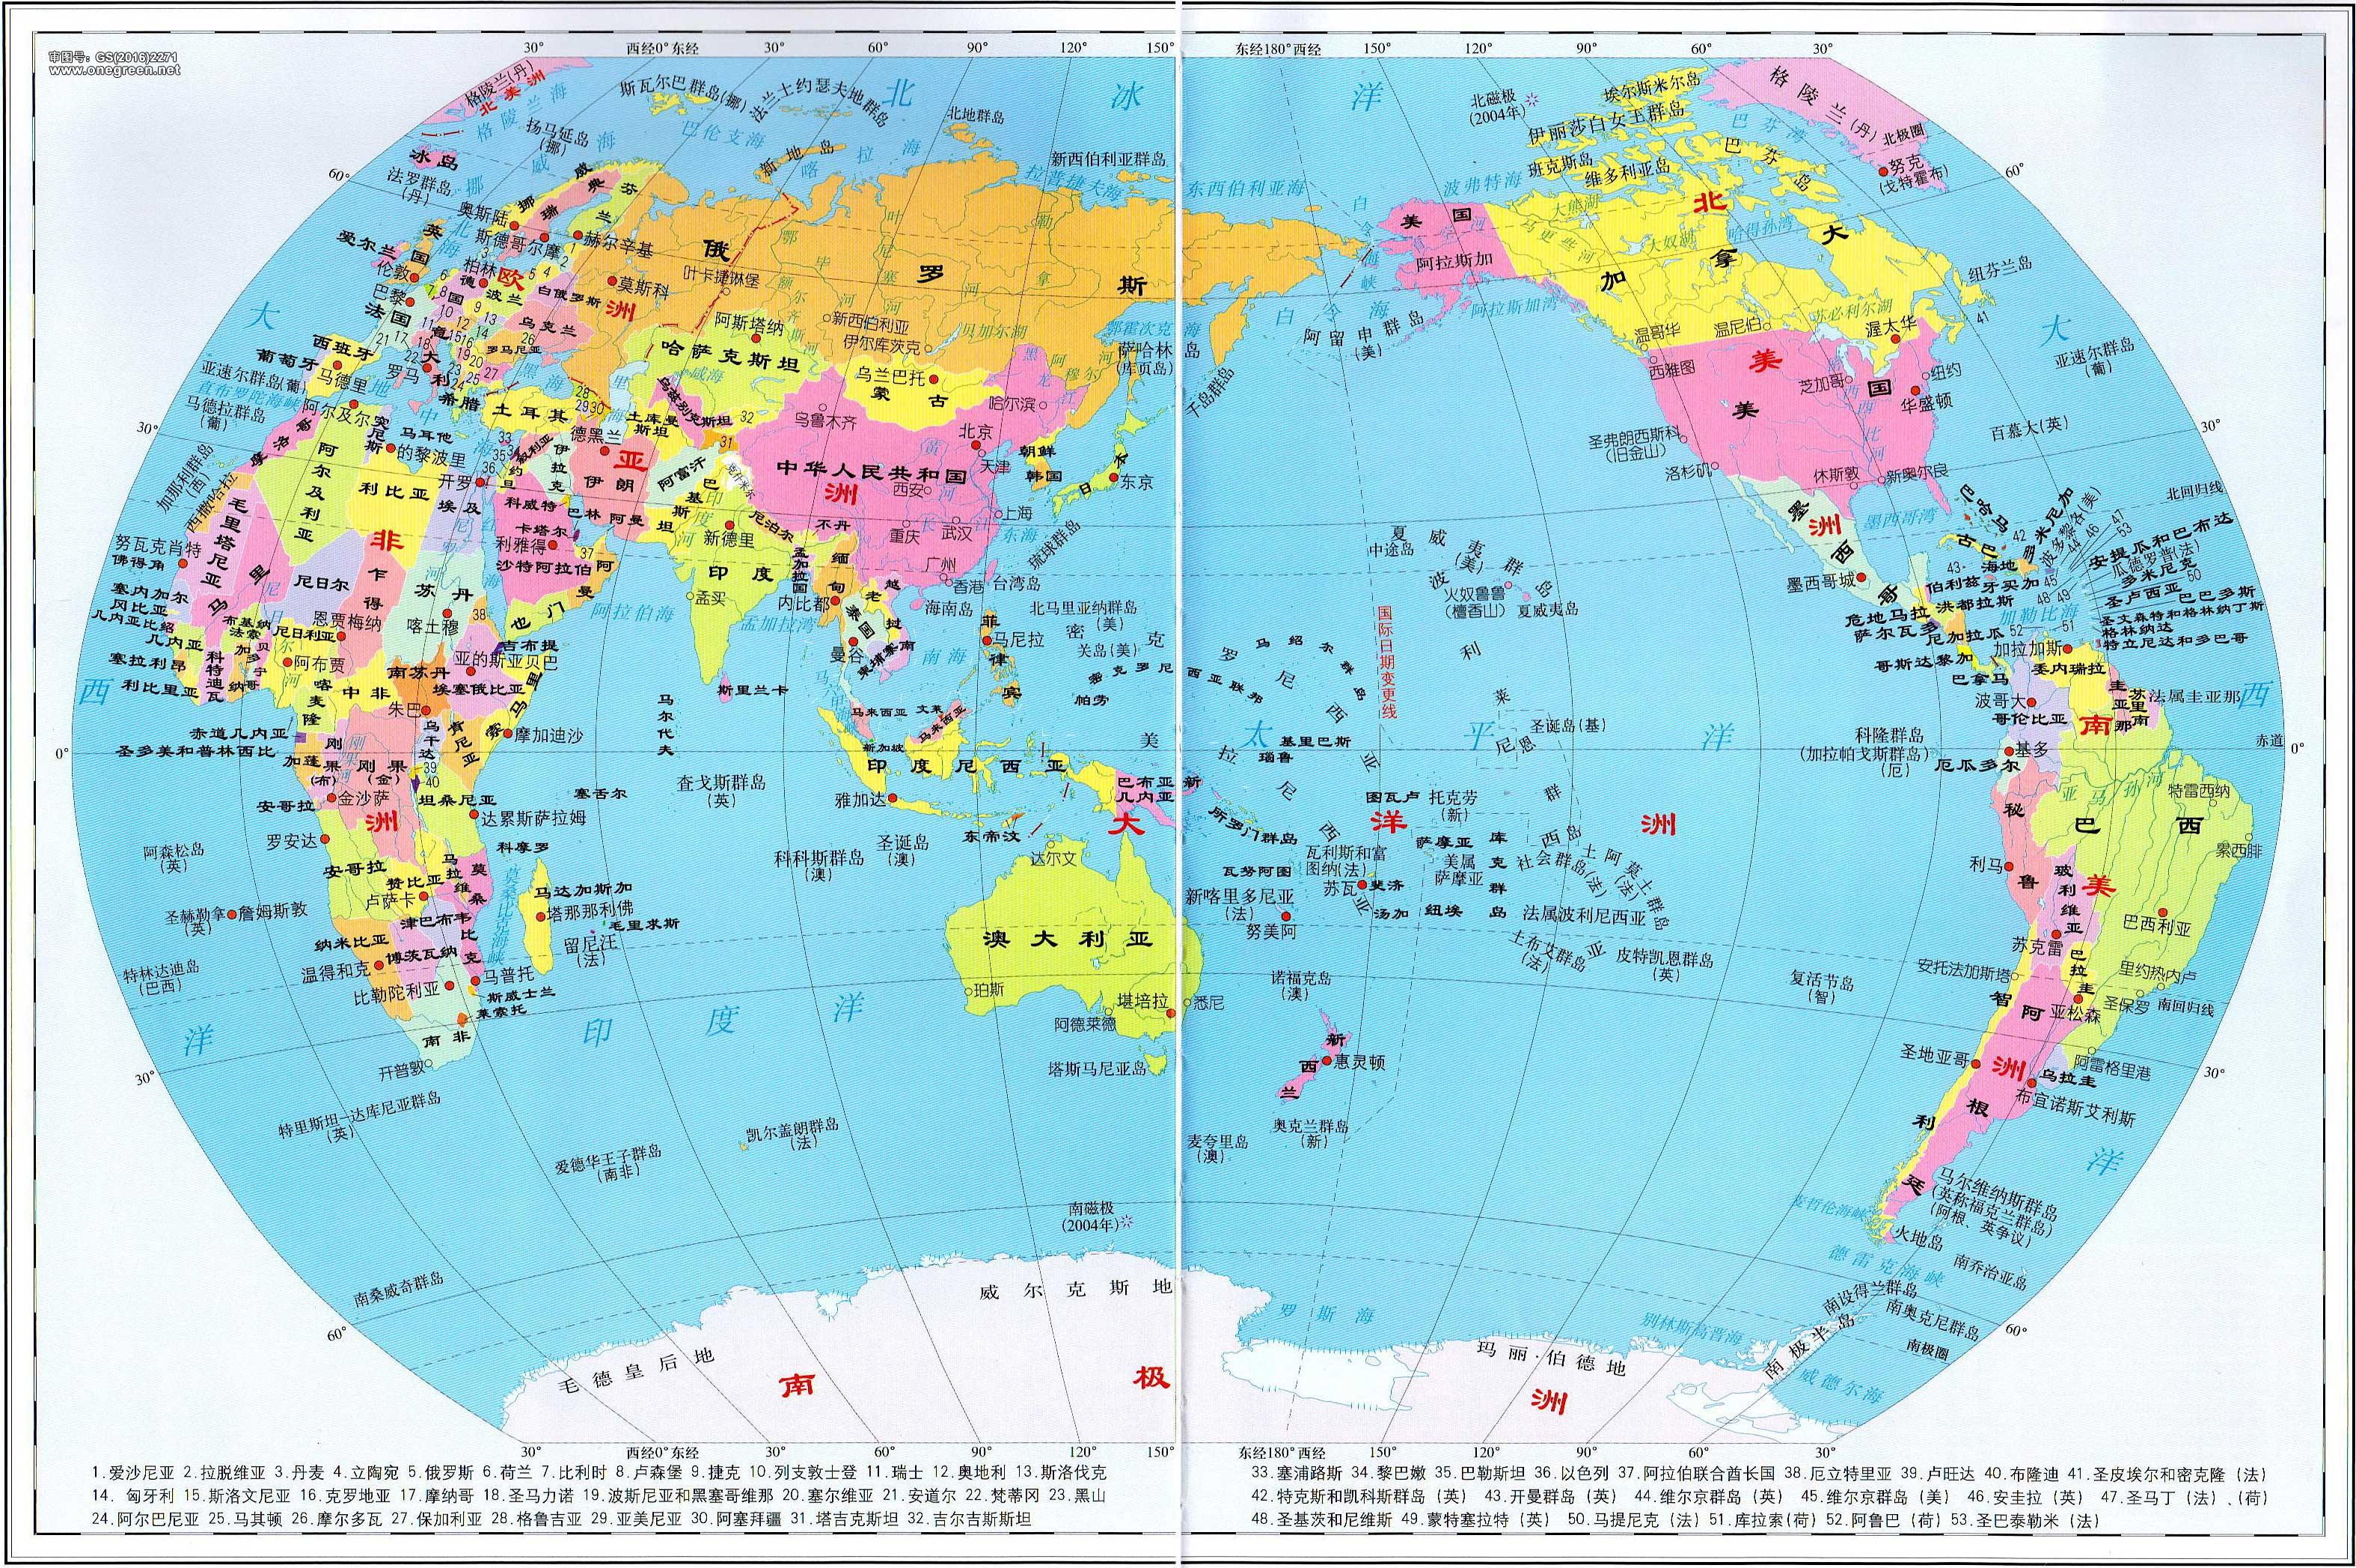 行政地图 世界 亚洲 中国 北京 上海 天津 重庆 广东 广西 海南